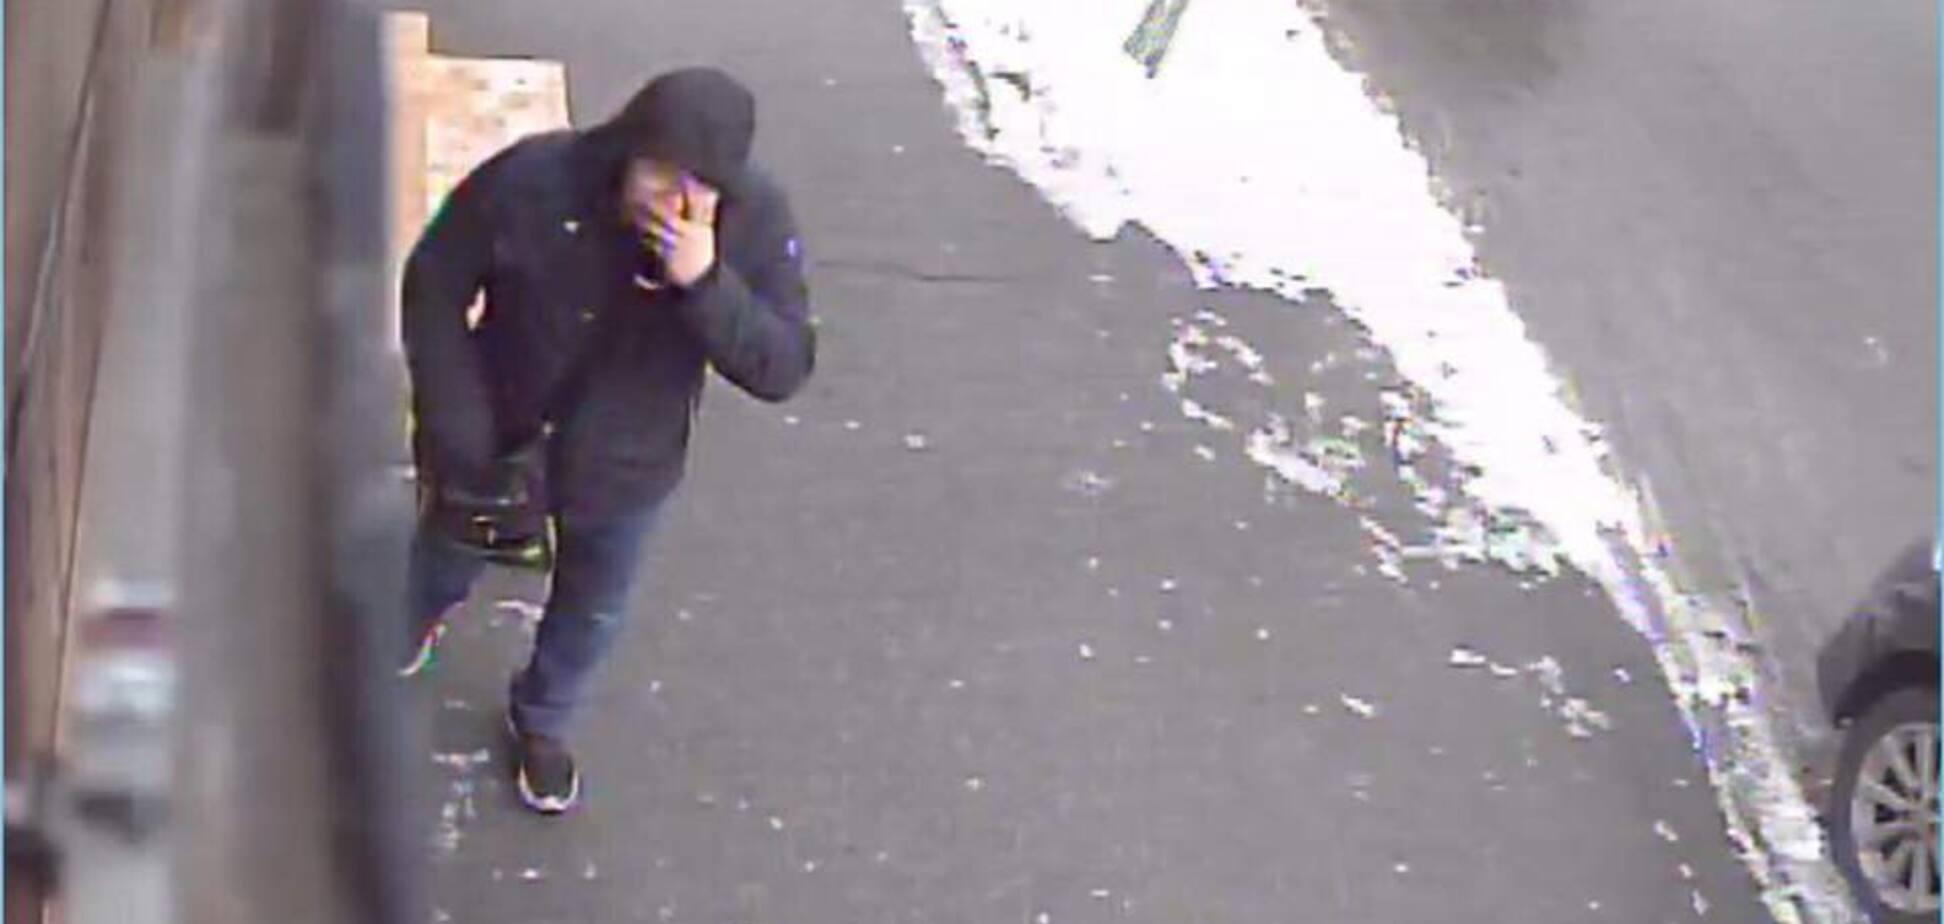 Потрібна допомога! Біля відомої піцерії в Києві відбувся зухвалий злочин